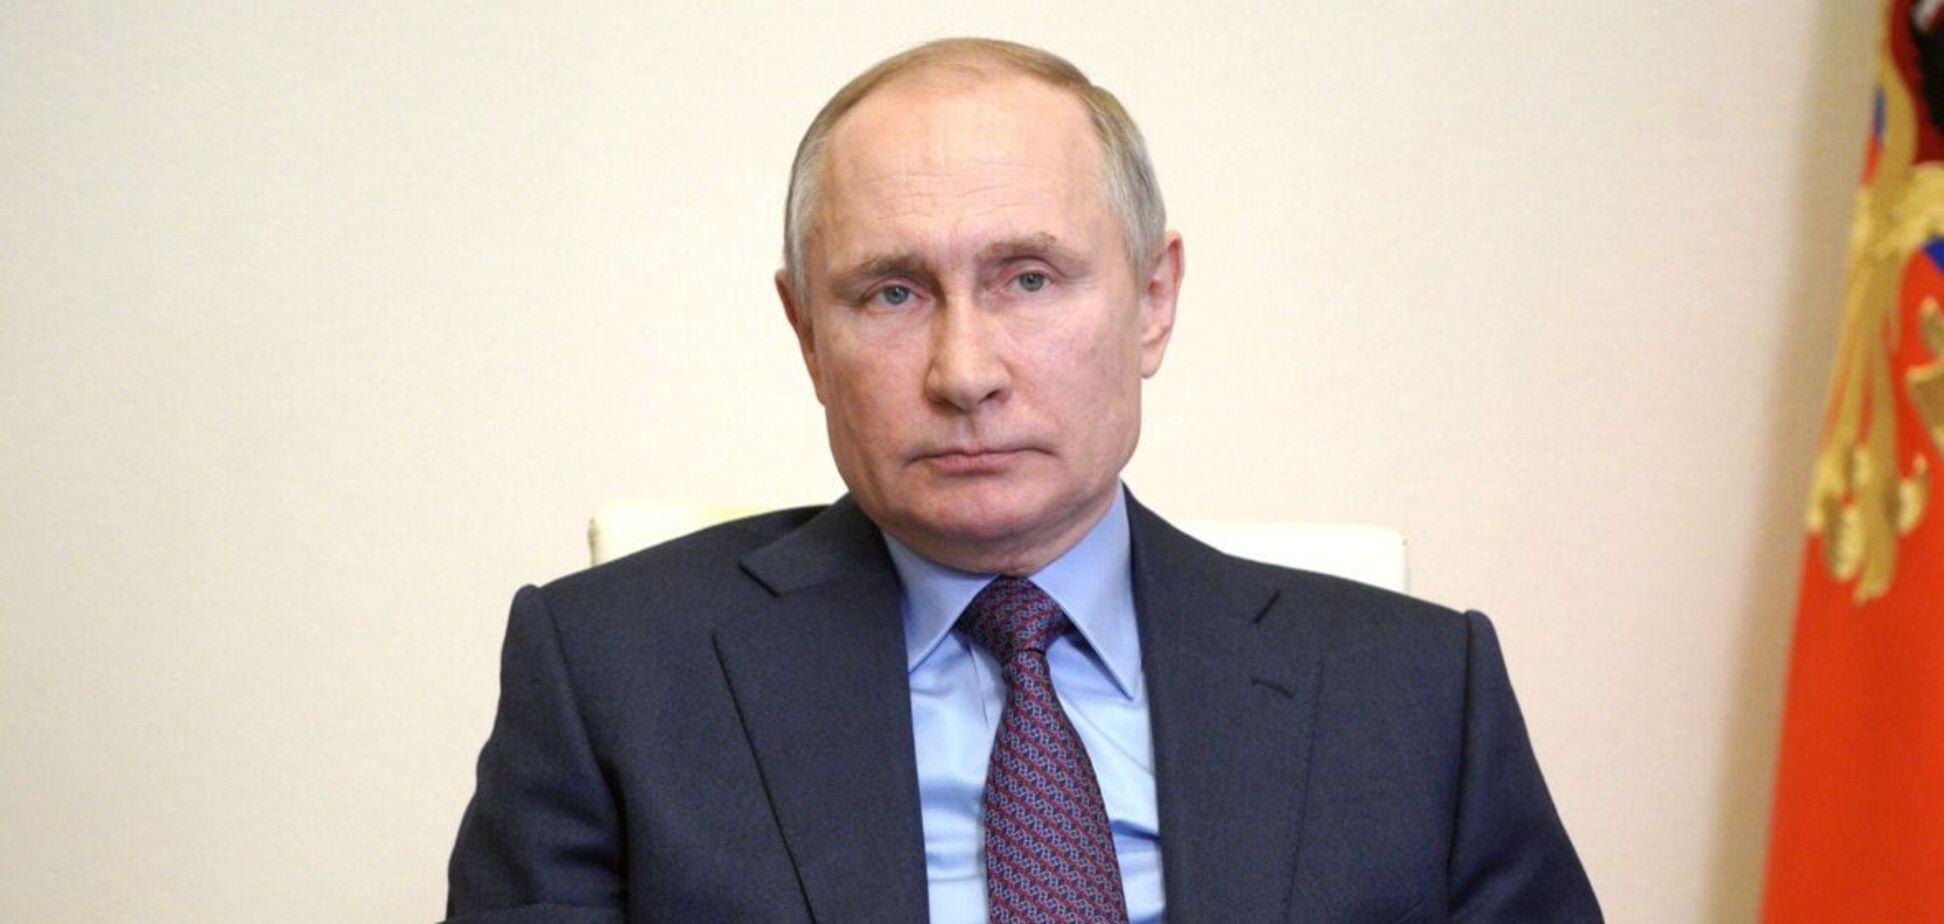 Погіршення стану здоров'я Путіна визначатиме політику РФ унайближчі 4 роки